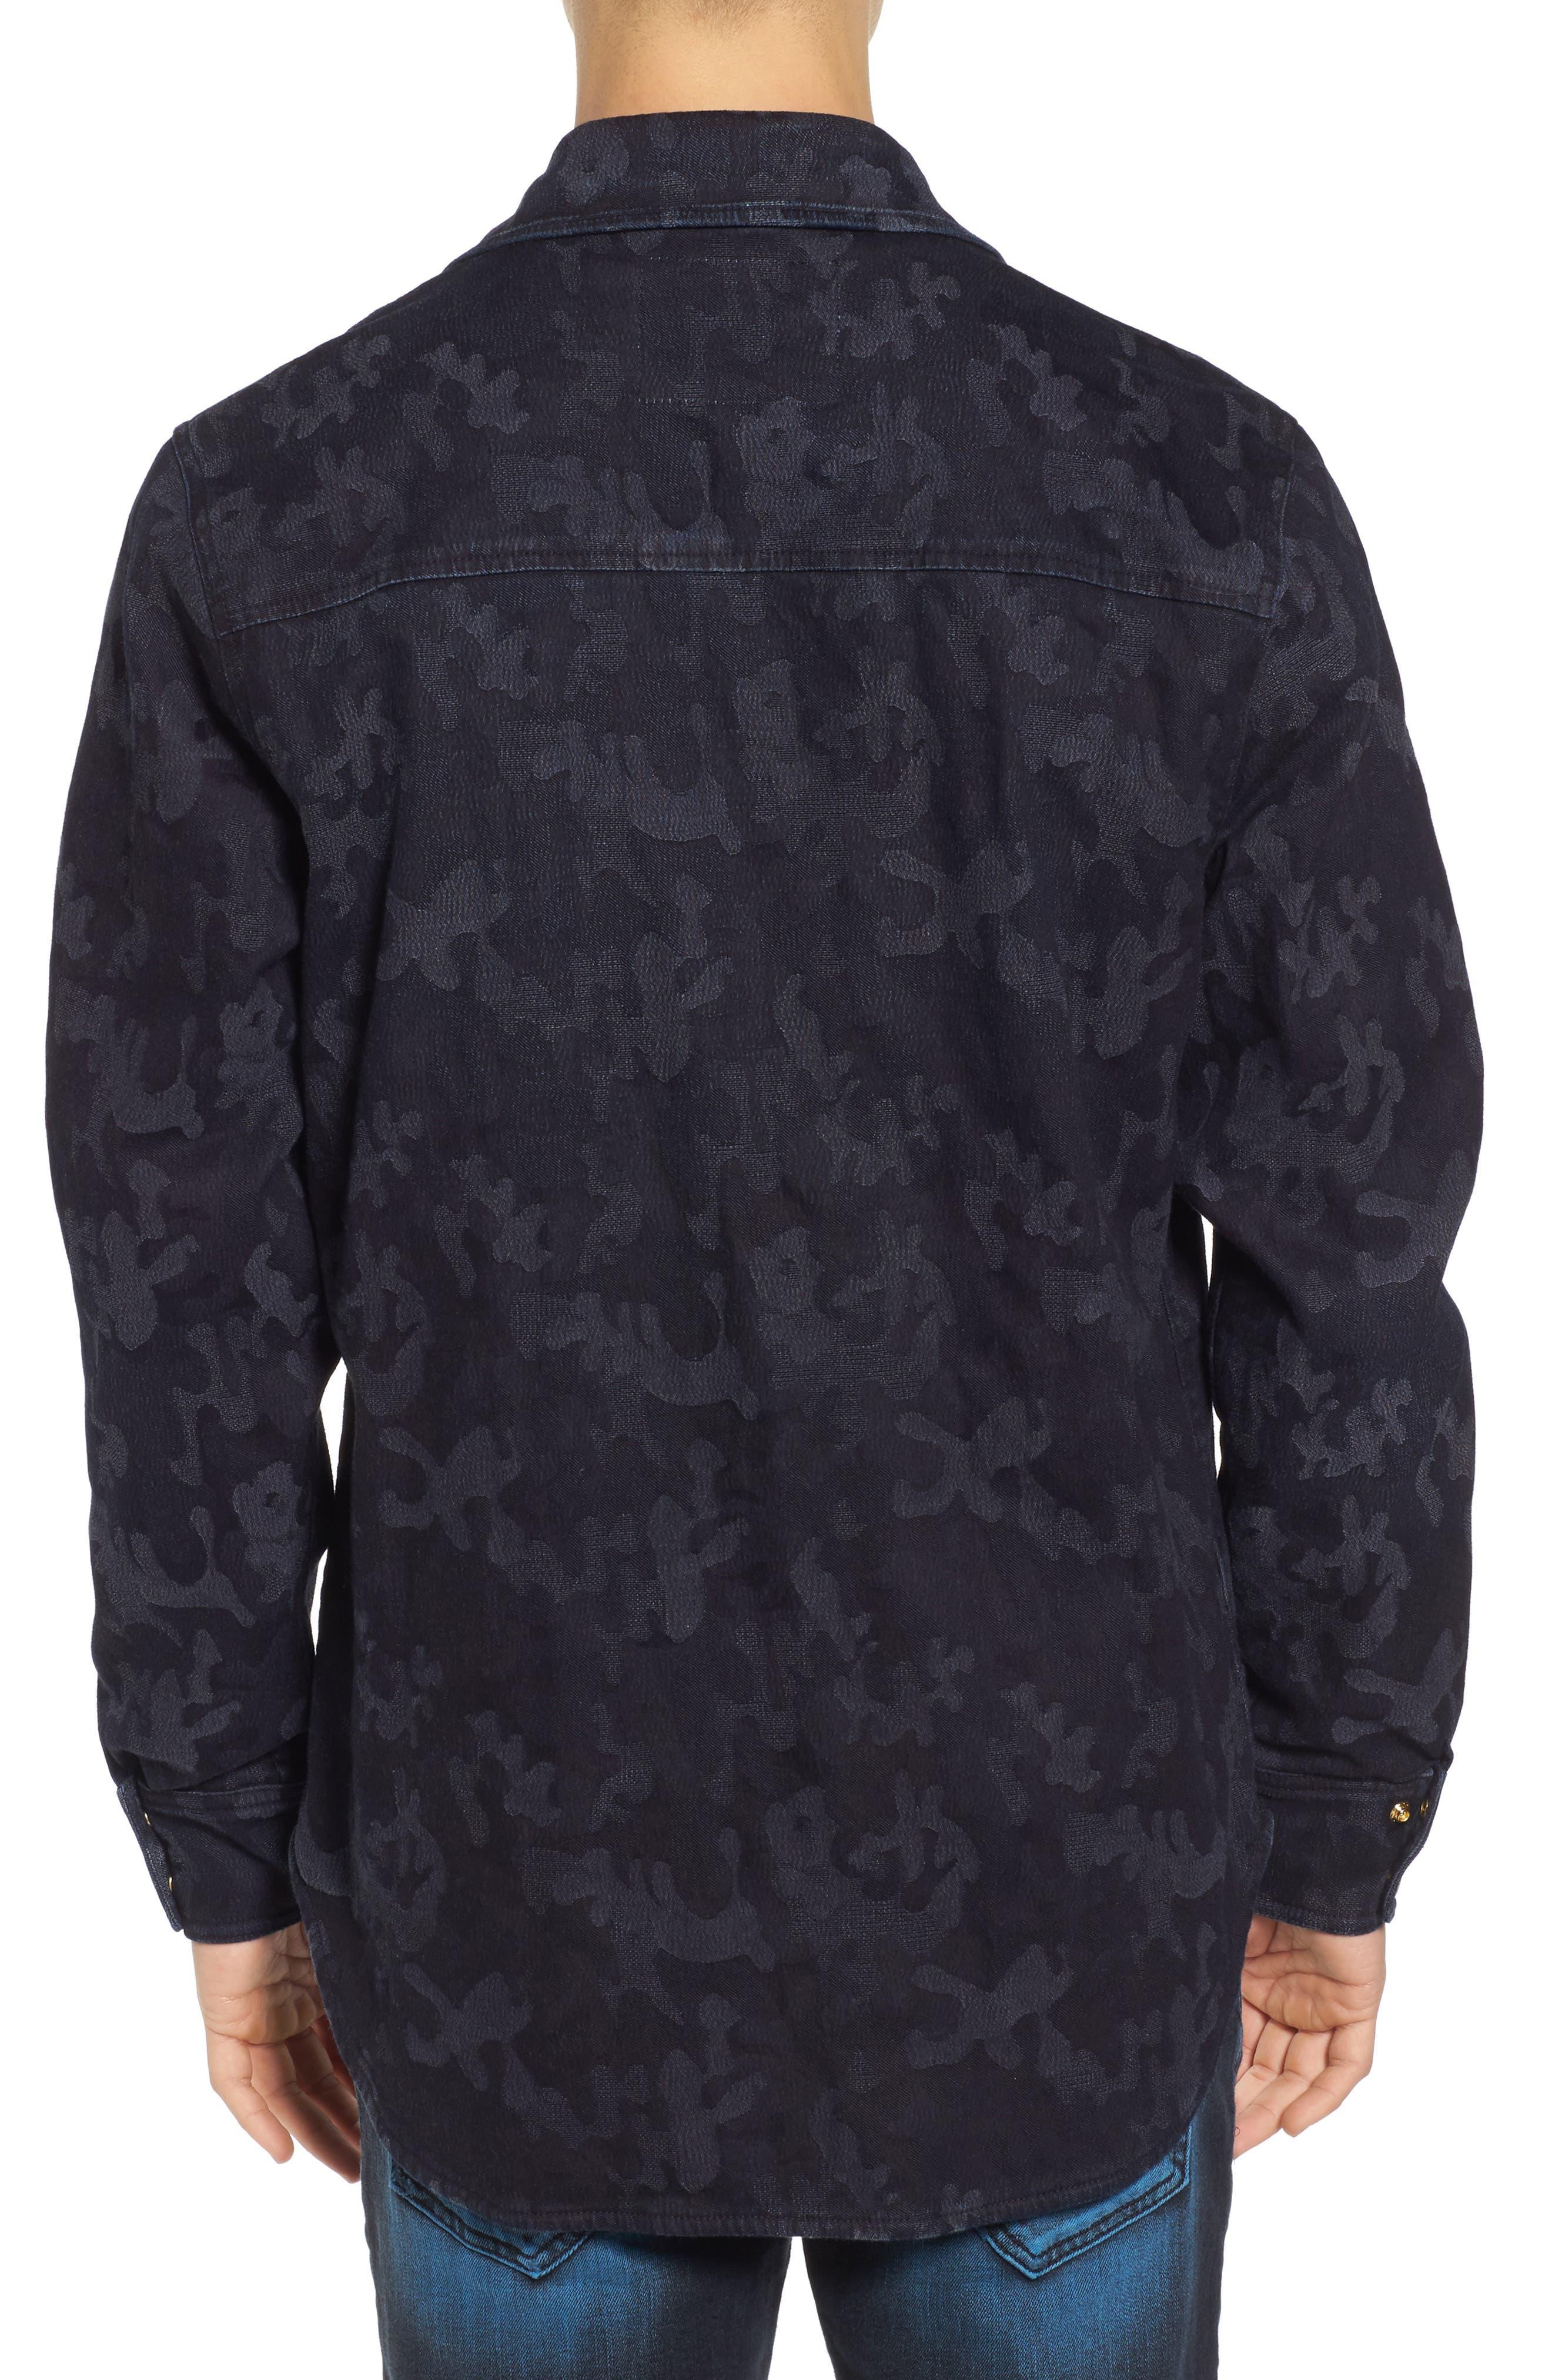 Camo Field Jacket,                             Alternate thumbnail 2, color,                             Indigo Camo